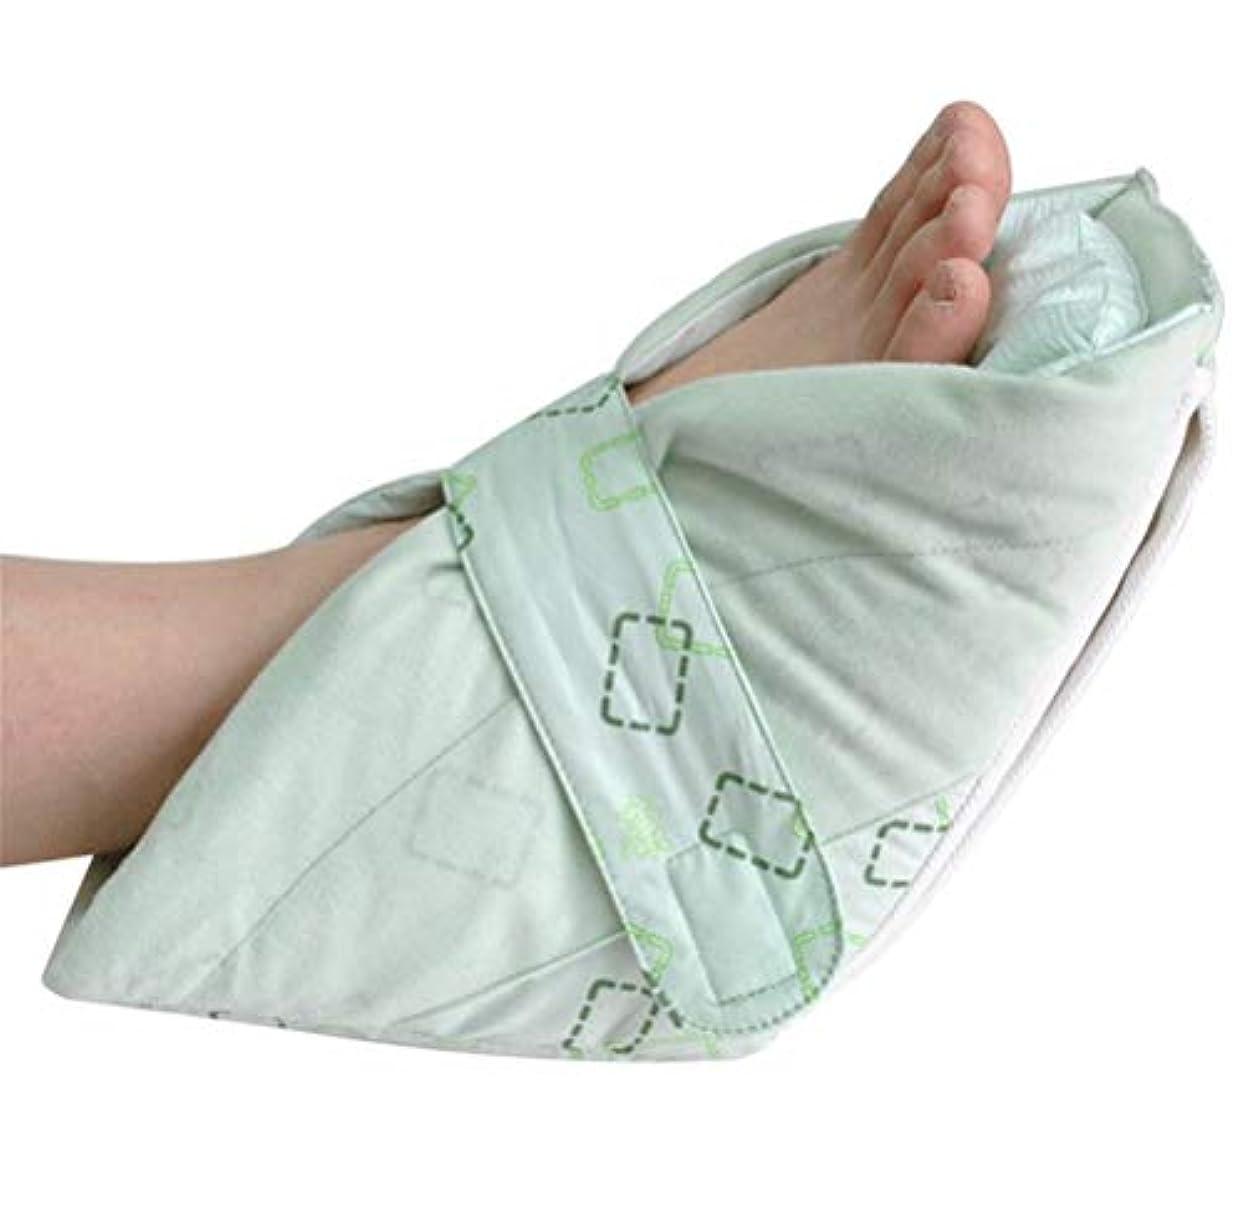 ぴかぴか割り込み恐怖ヒールプロテクター枕、プレミアム圧力軽減フット補正カバー、極細コットン生地、インナークッションは分離可能、グリーン、1ペア